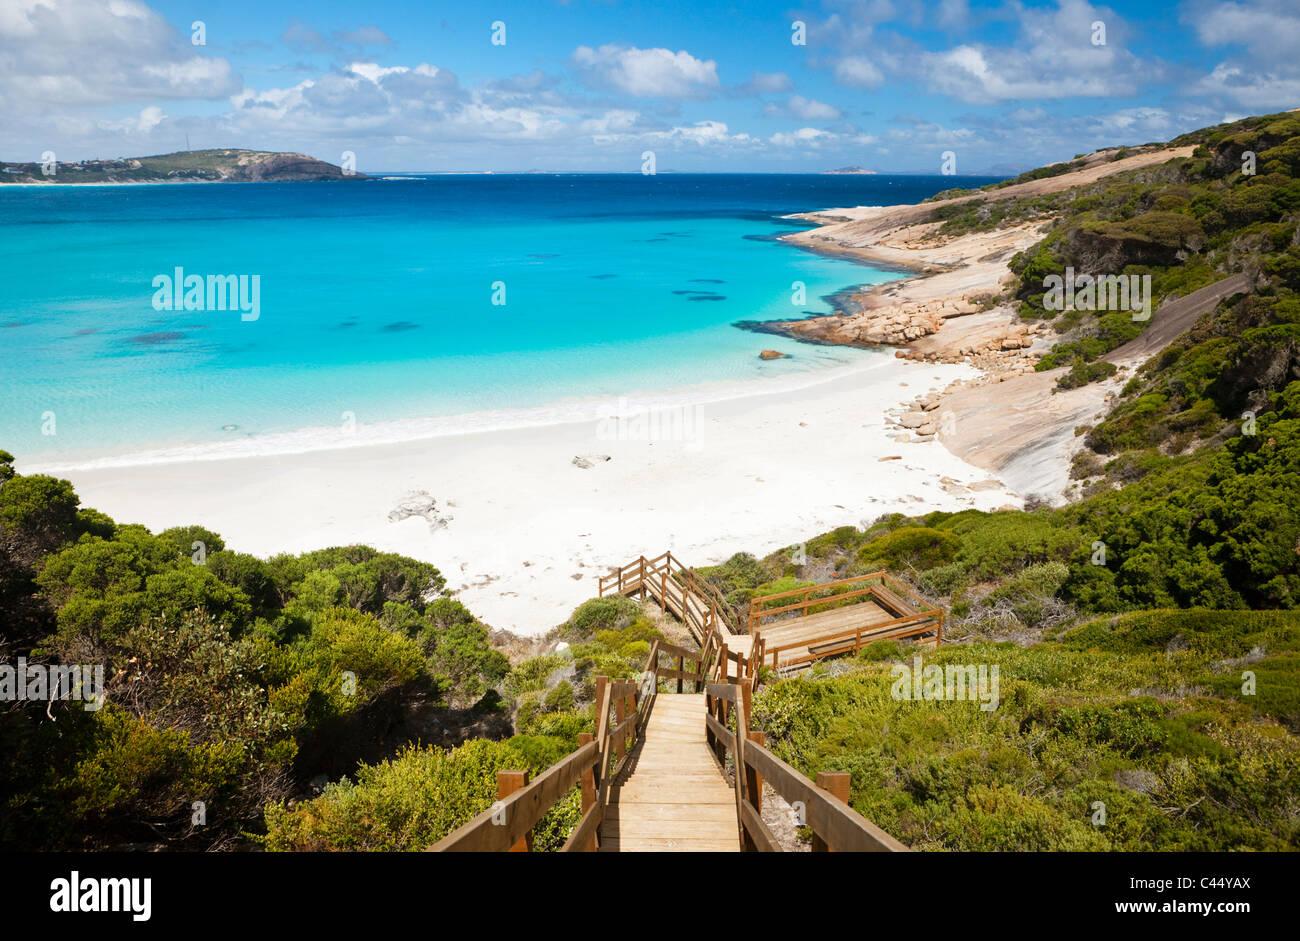 Paseo marítimo que conduce a la playa Paraíso azul. Esperance, Australia Occidental, Australia Imagen De Stock